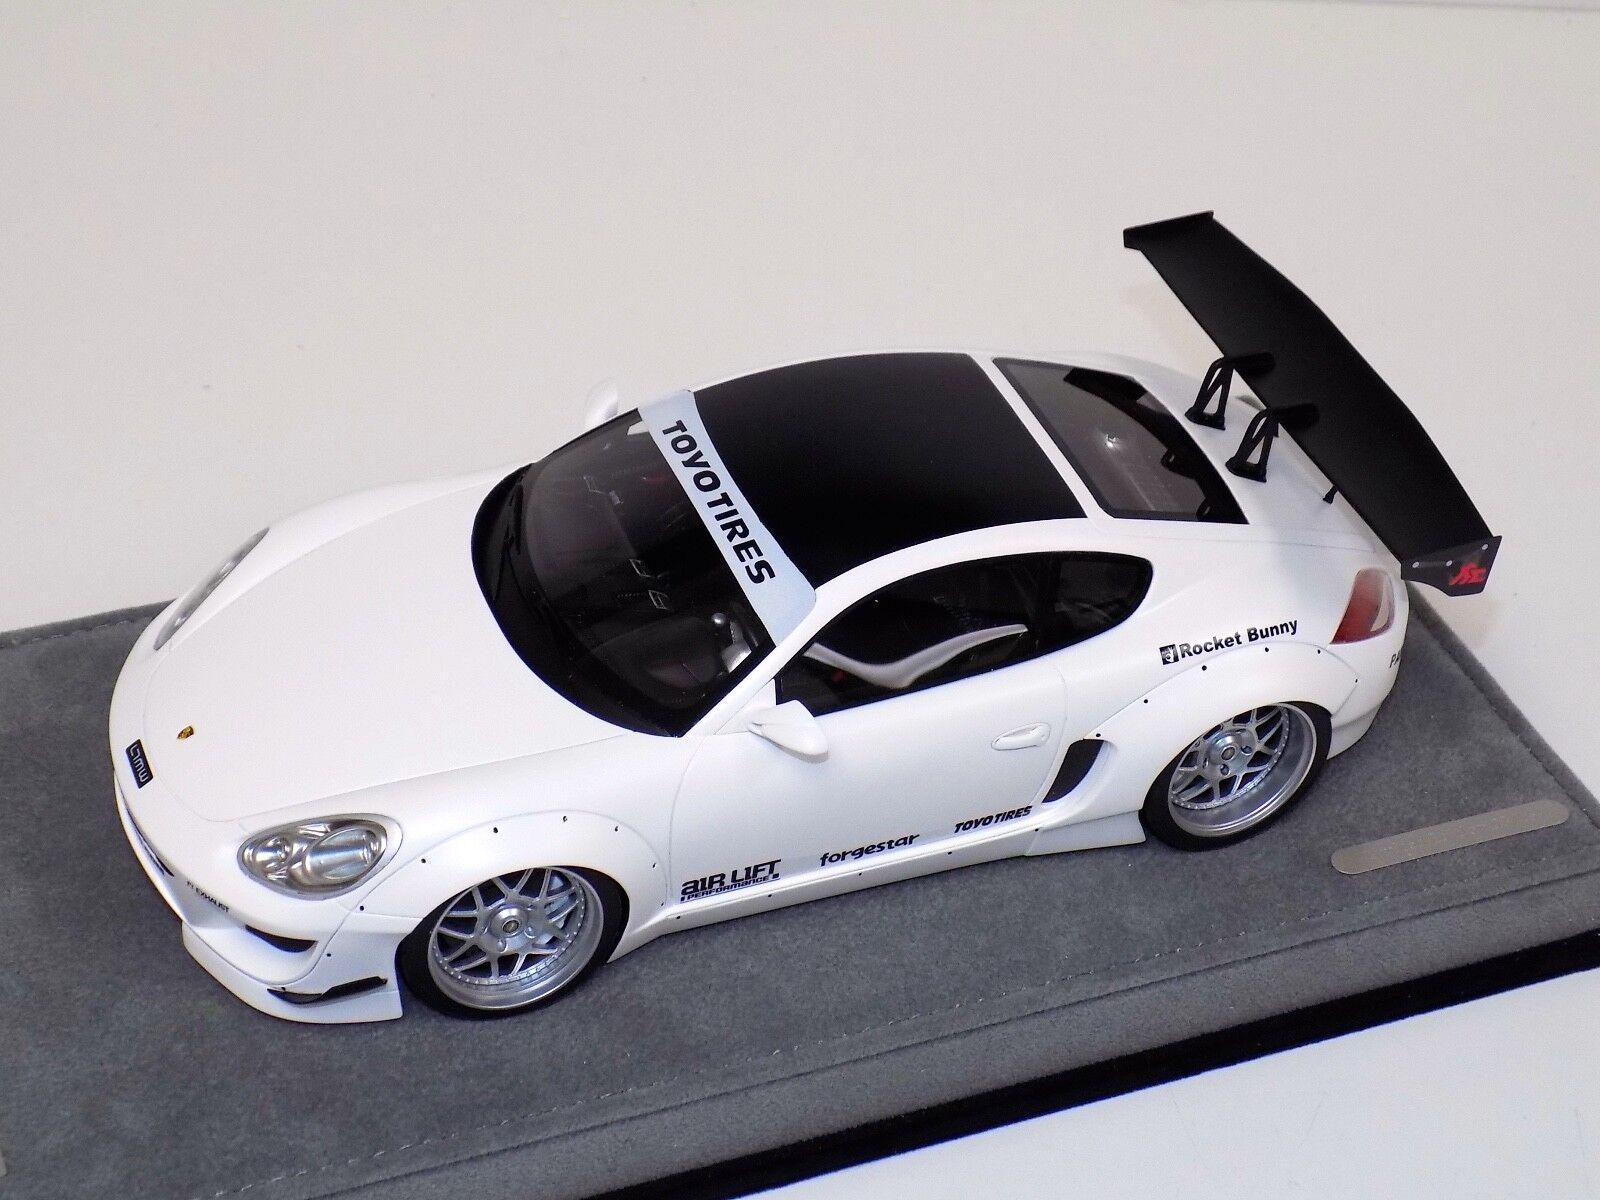 la mejor selección de 1 18 ab modelos Porsche Porsche Porsche Cayman cohete Bunny blancoo mate sobre base de Alcántara  ventas en linea